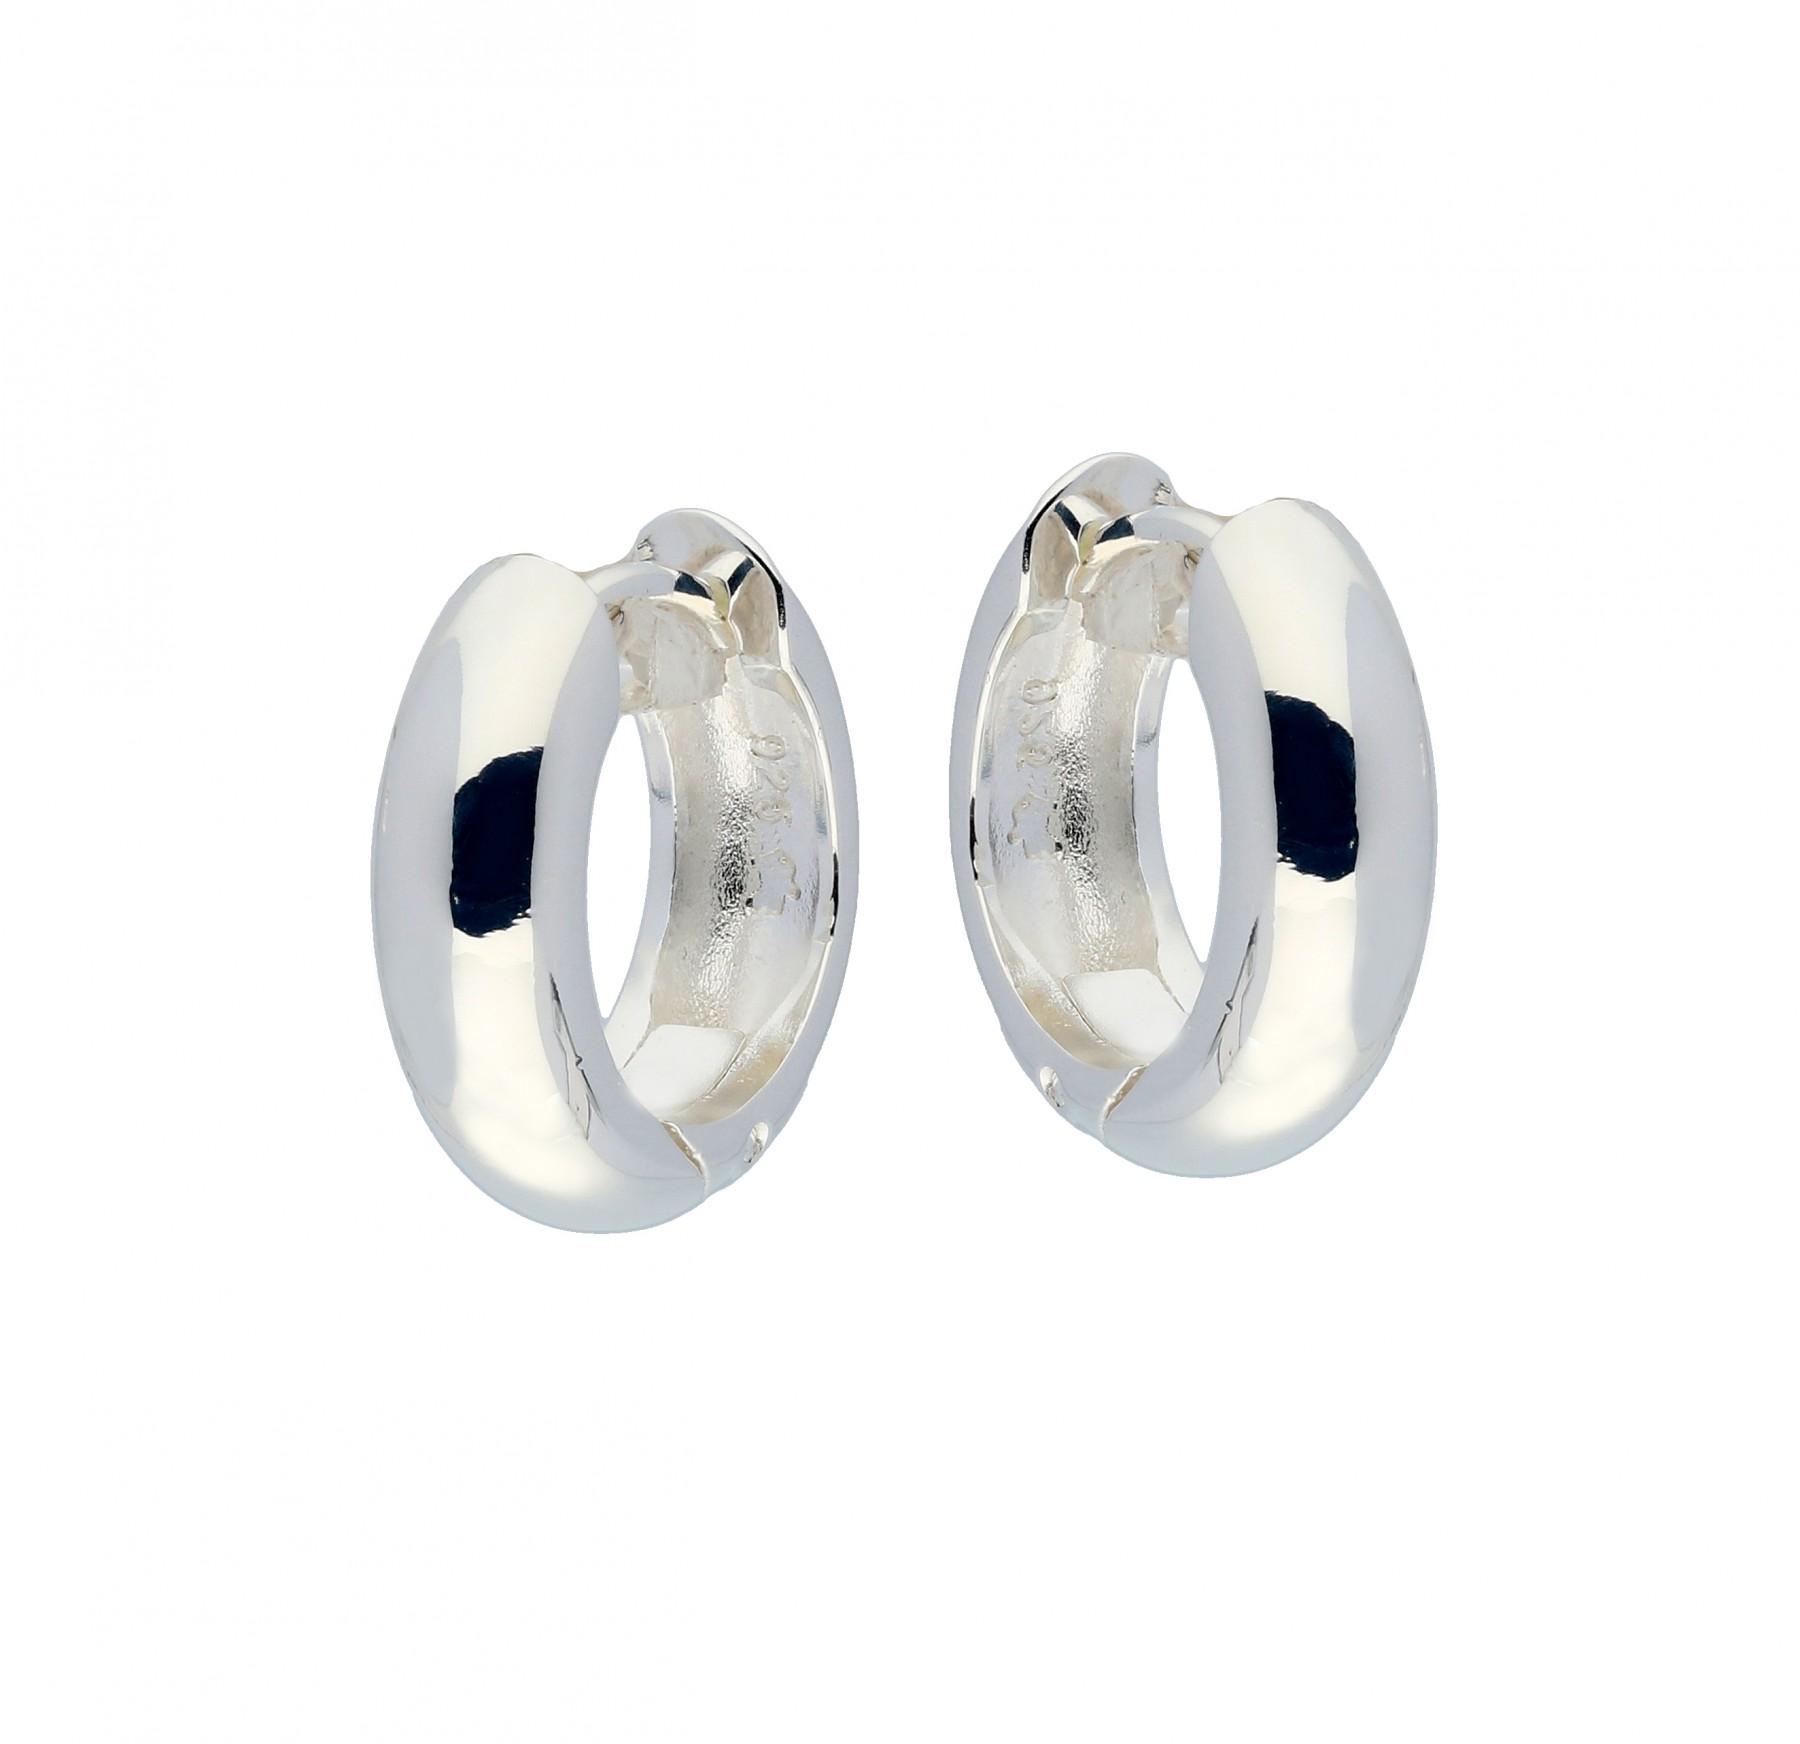 Zilveren klapcreolen - ronde buis 5 mm  107.0069.16